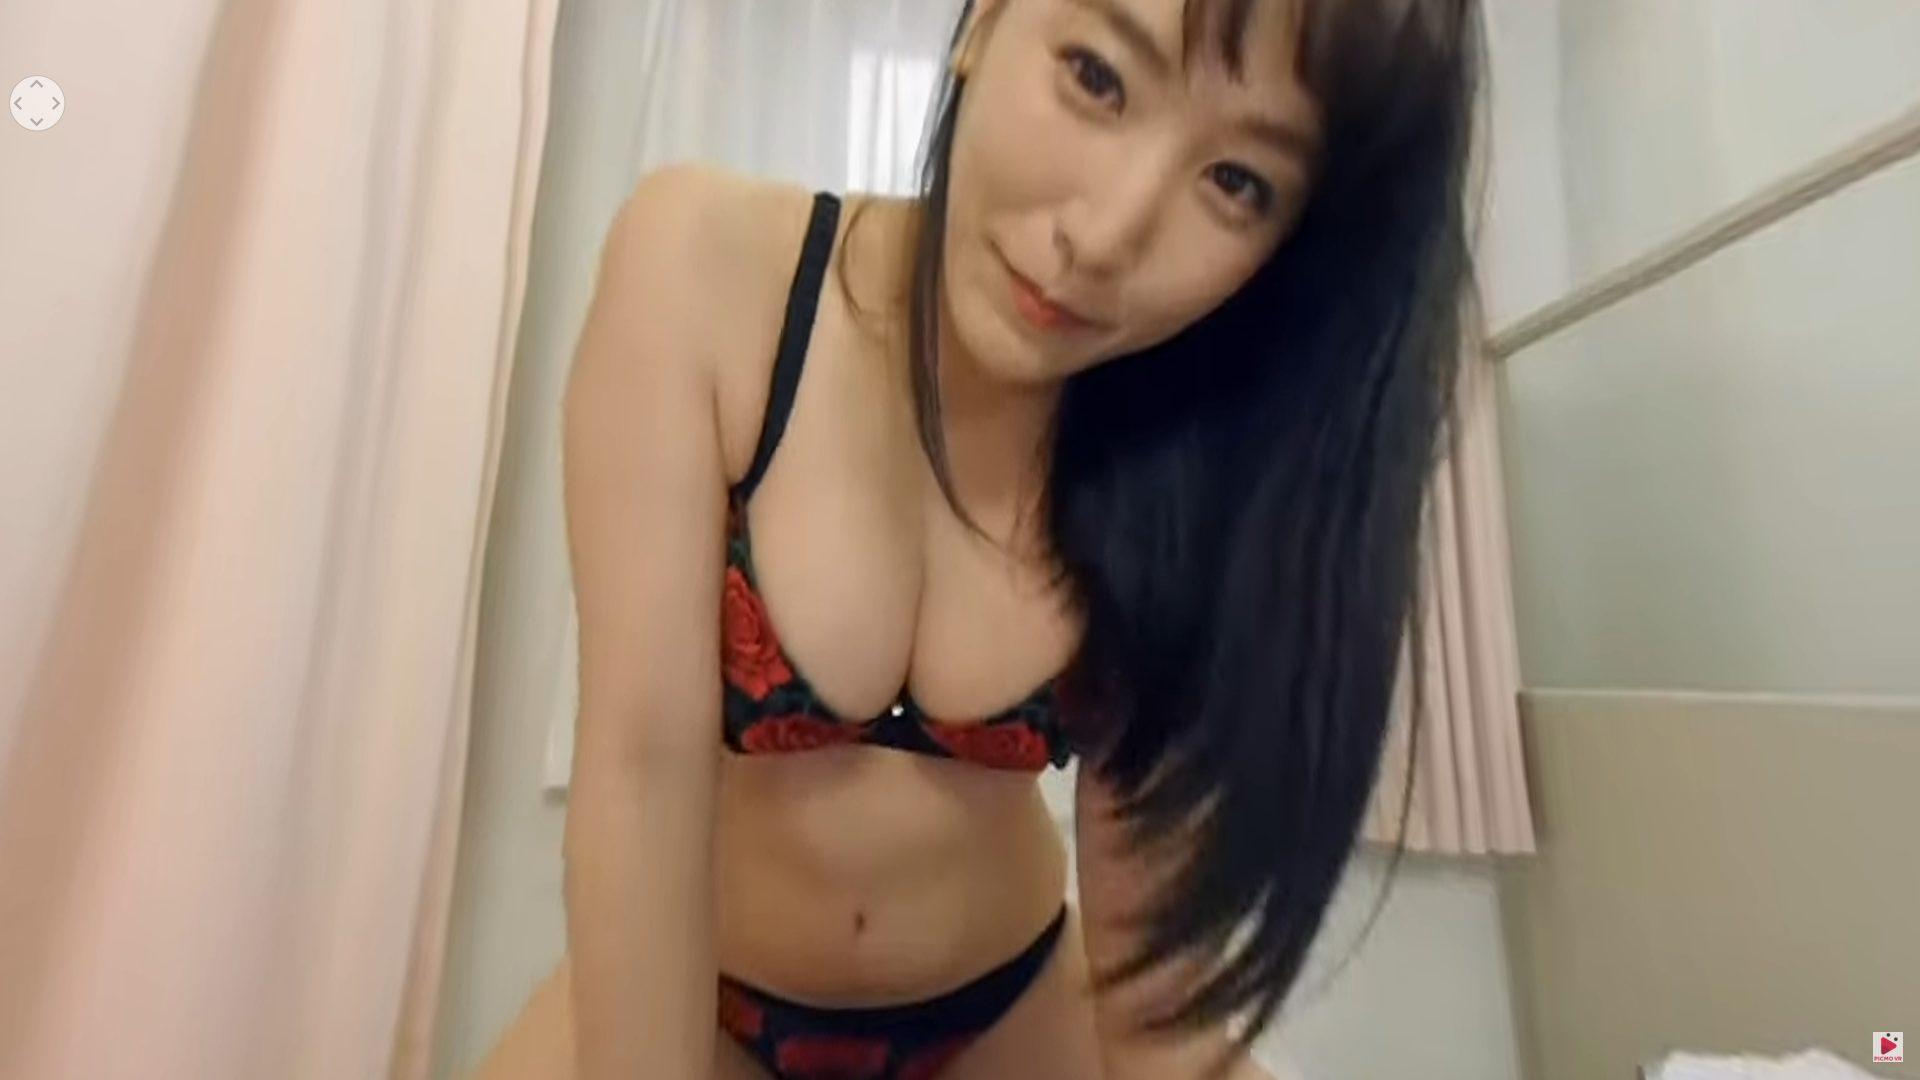 【浜田由梨】Fカップ6 「【VR】美人女医さんのせいで血圧がとんでもないことになってるけど病院の中だから倒れても大丈夫。」サンプル動画